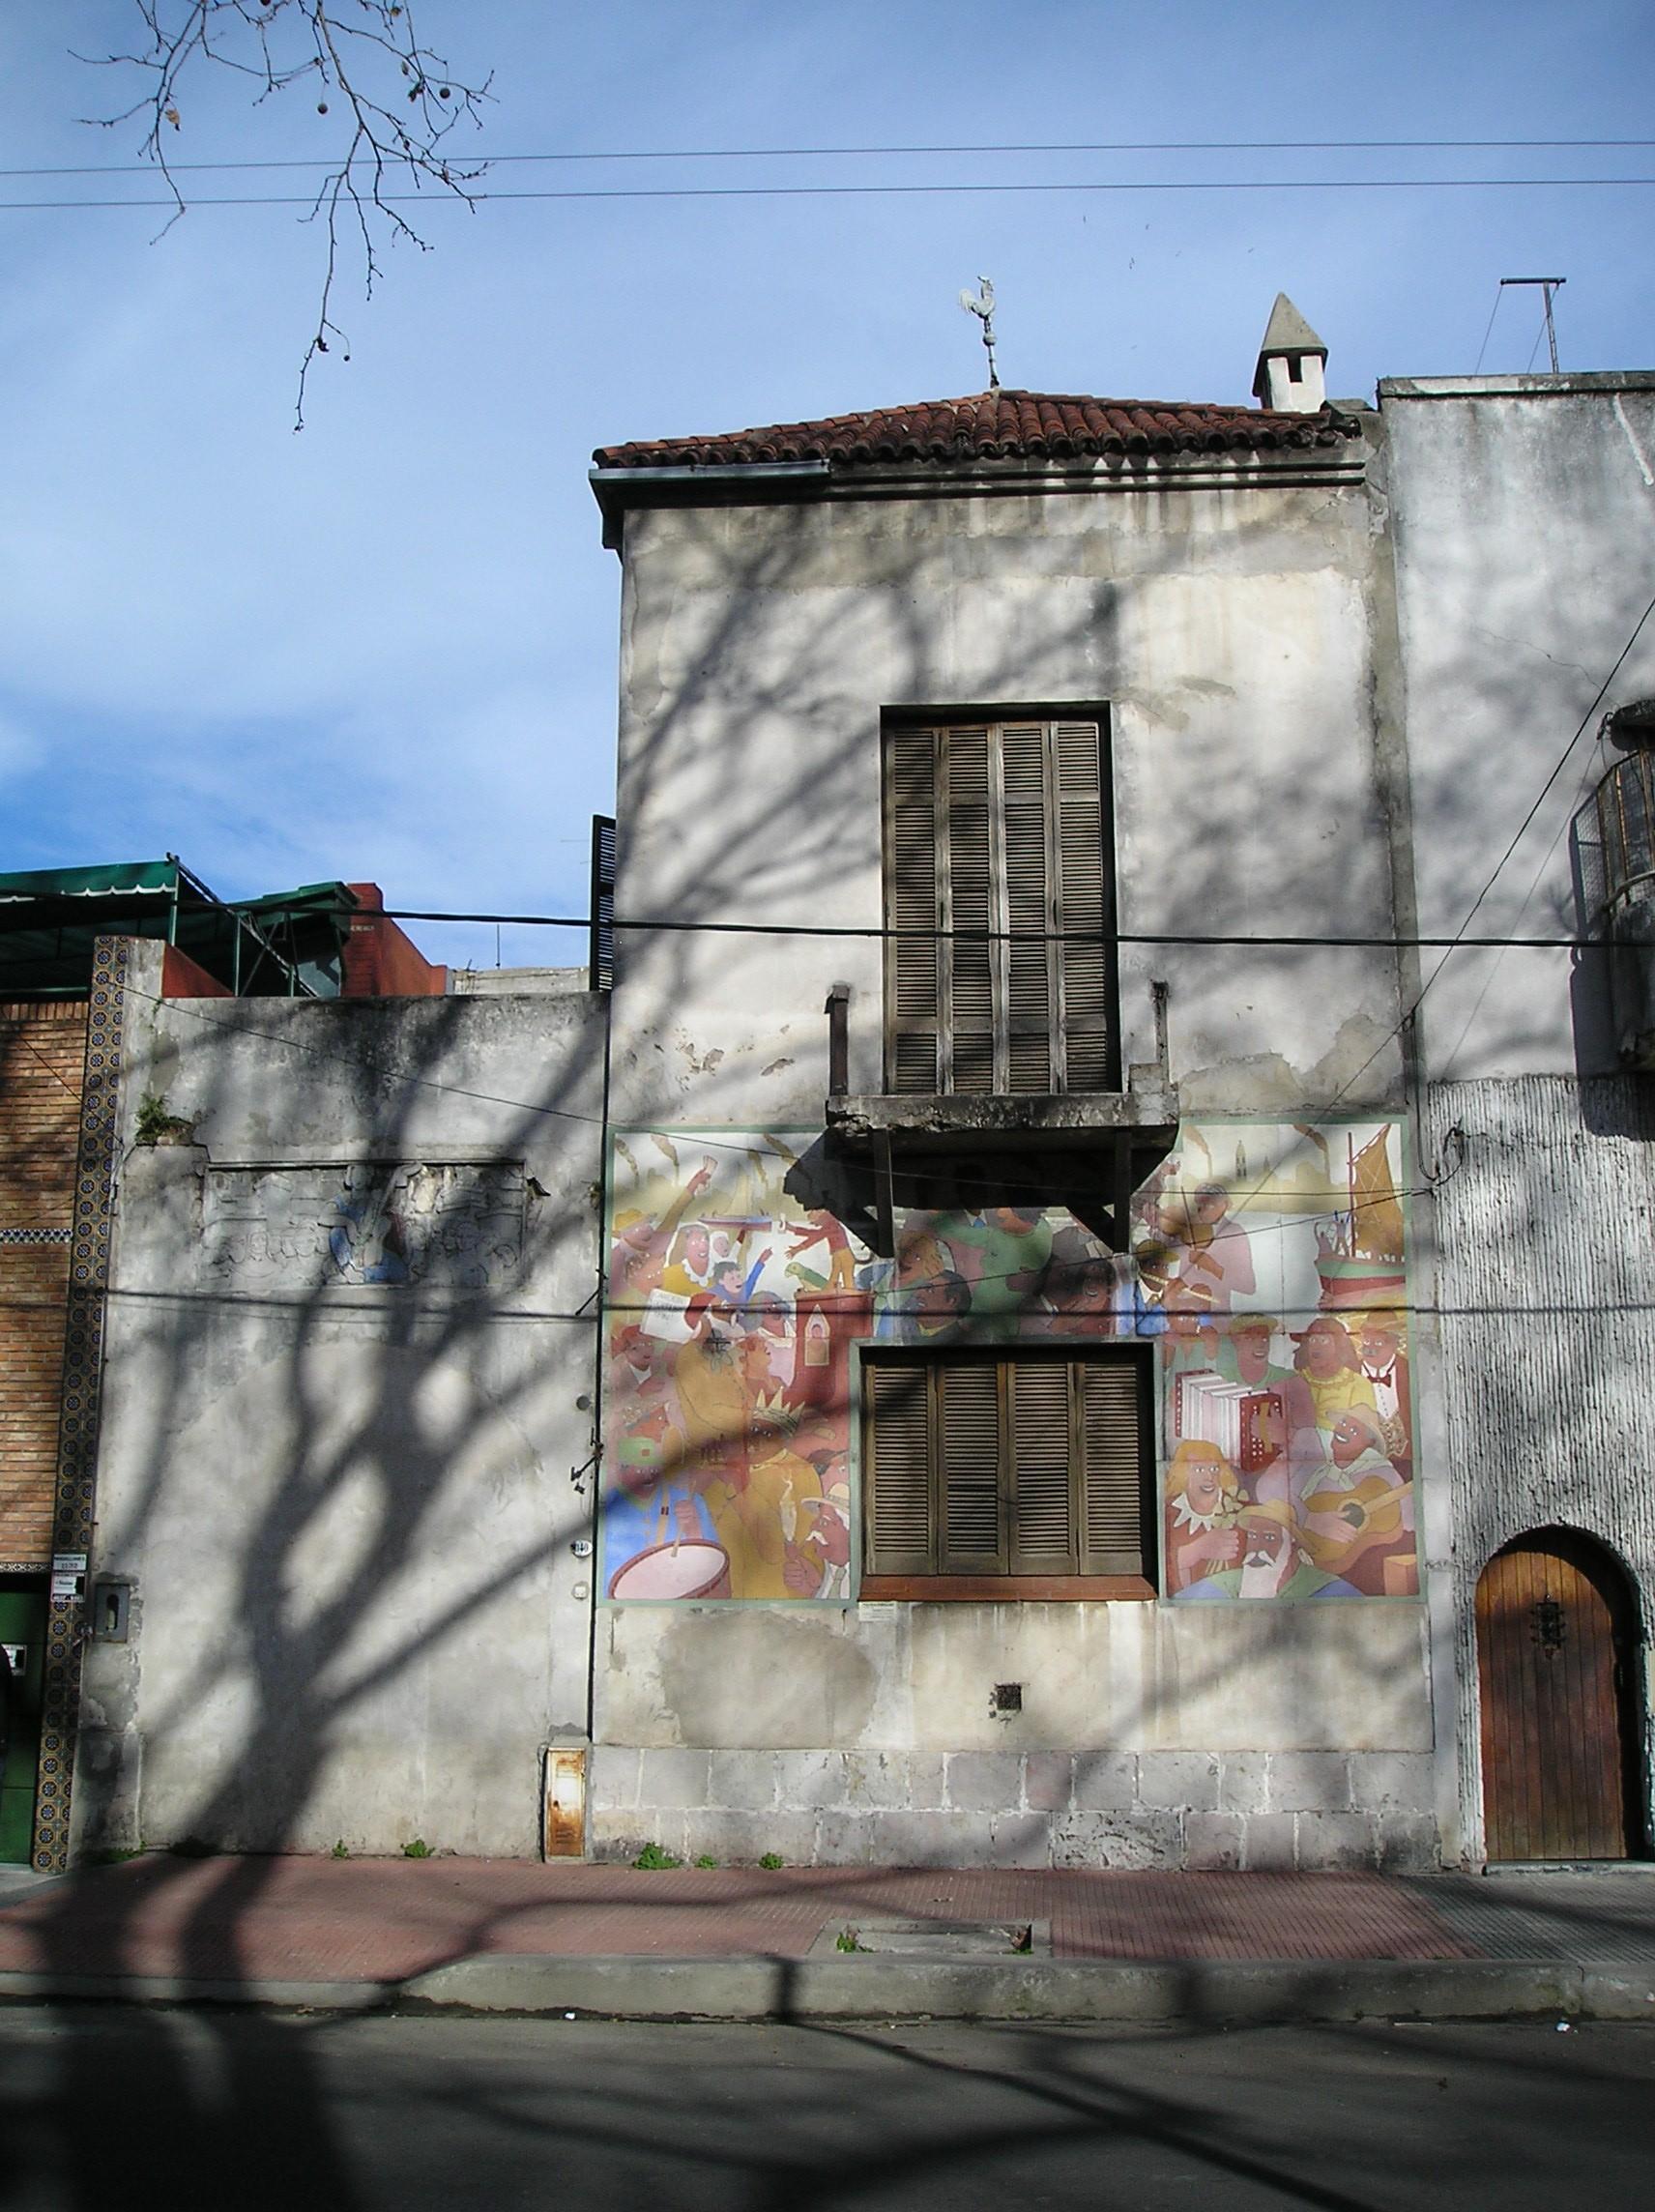 Casa de Filiberto en Magallanes 1140 (barrio de La Boca). El frente es un fresco de Benito Quinquela Martín, titulado Música popular.